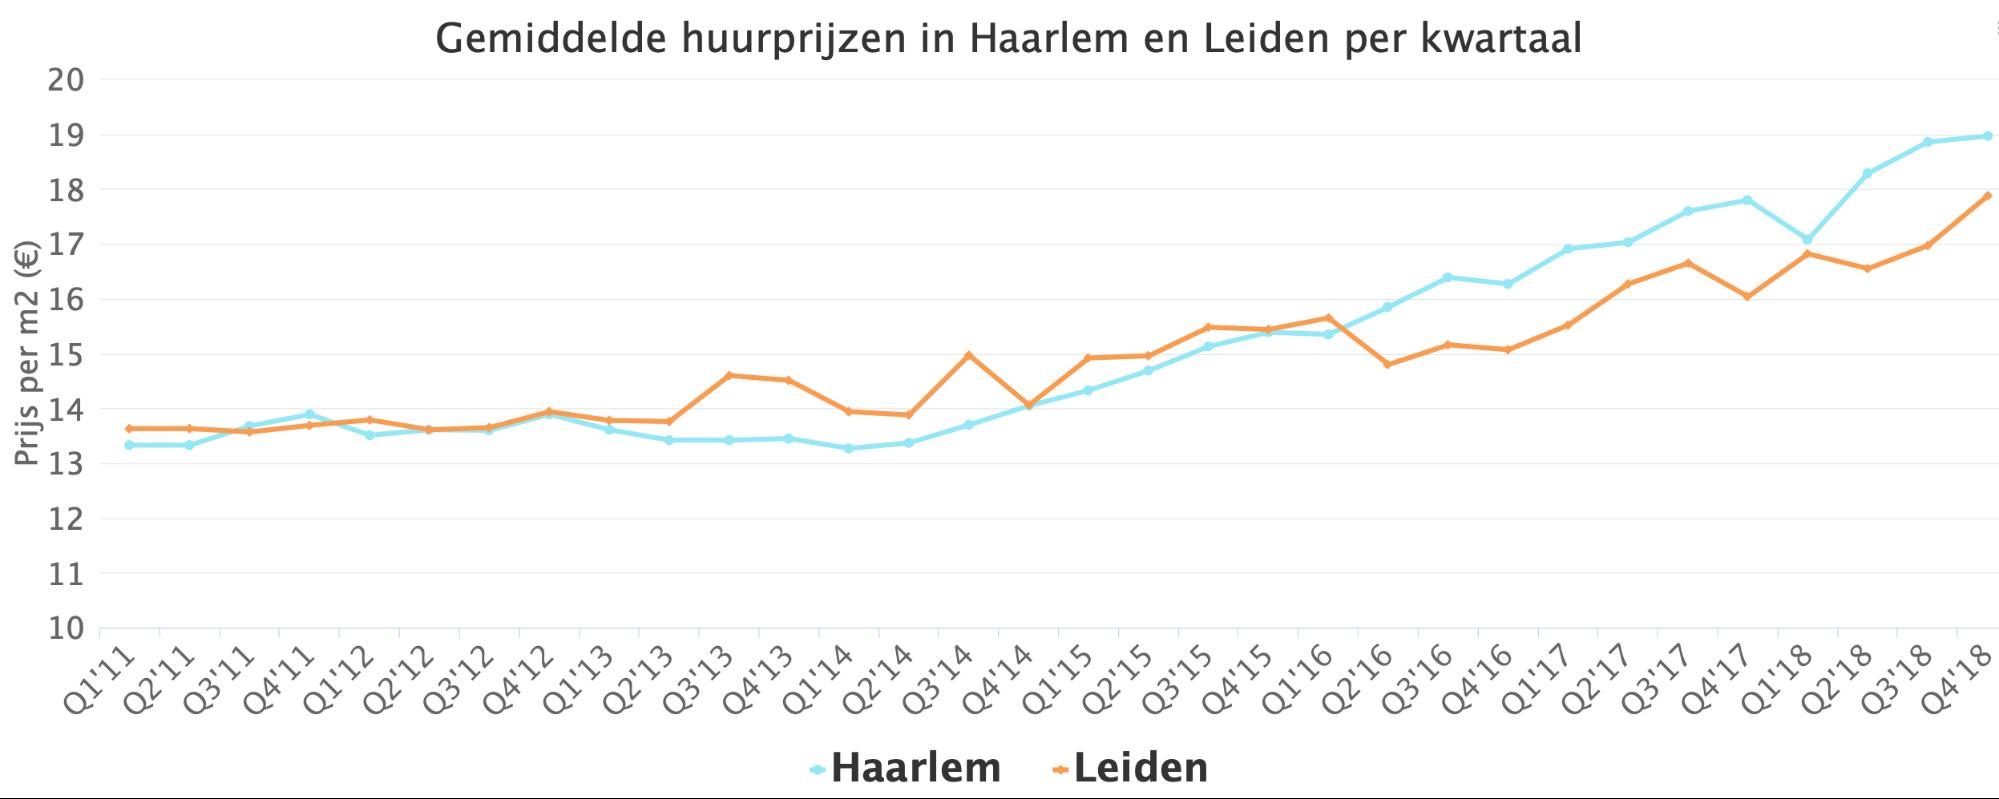 Gemiddelde huurprijzen in Haarlam en Leiden per kwartaal